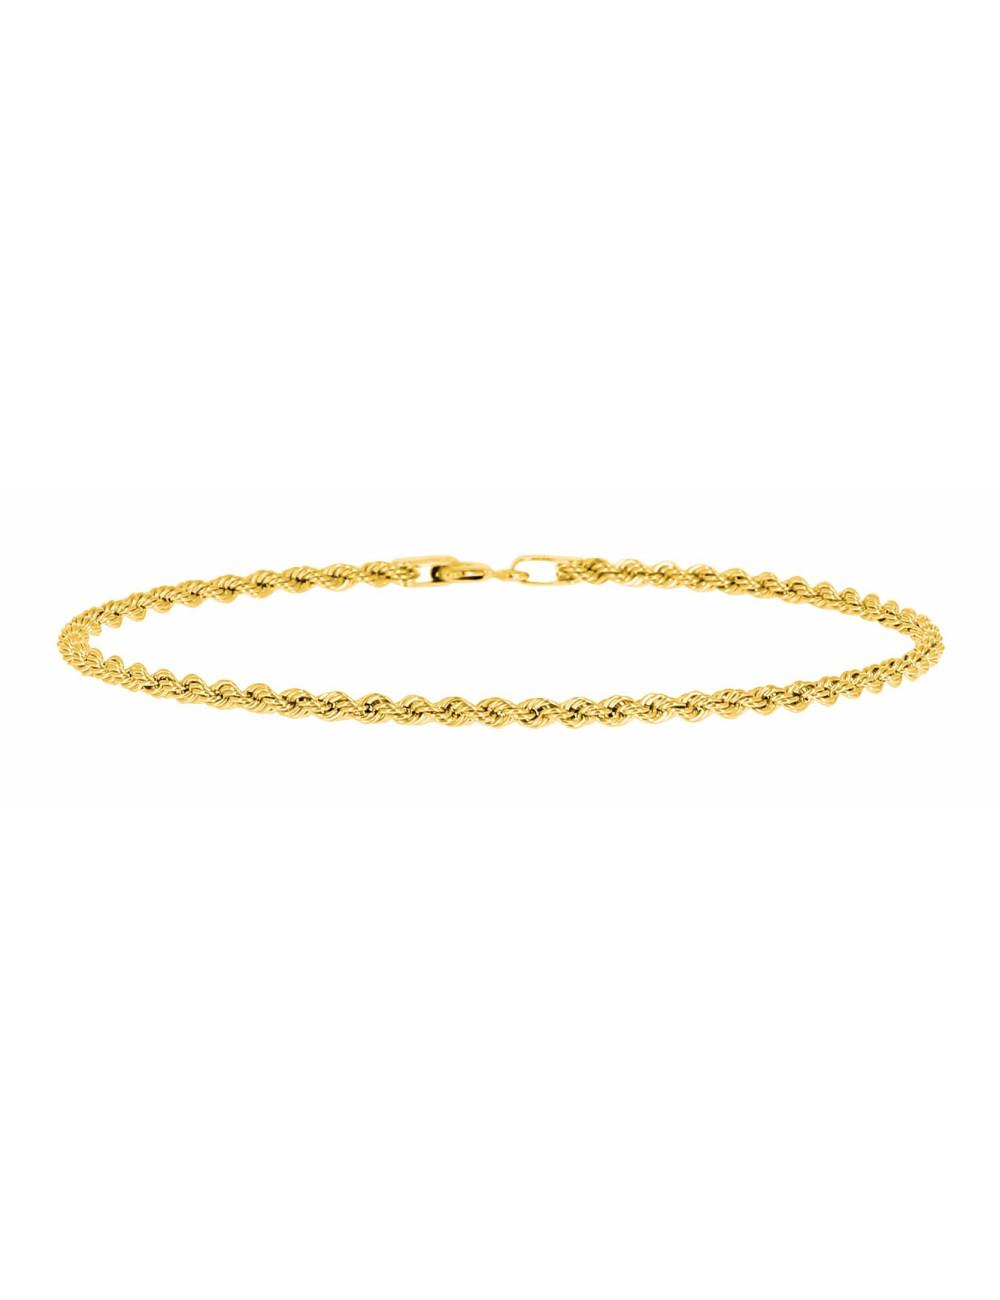 Bracelet Corde En Or Jaune 750/1000 BIJOUX FEMME